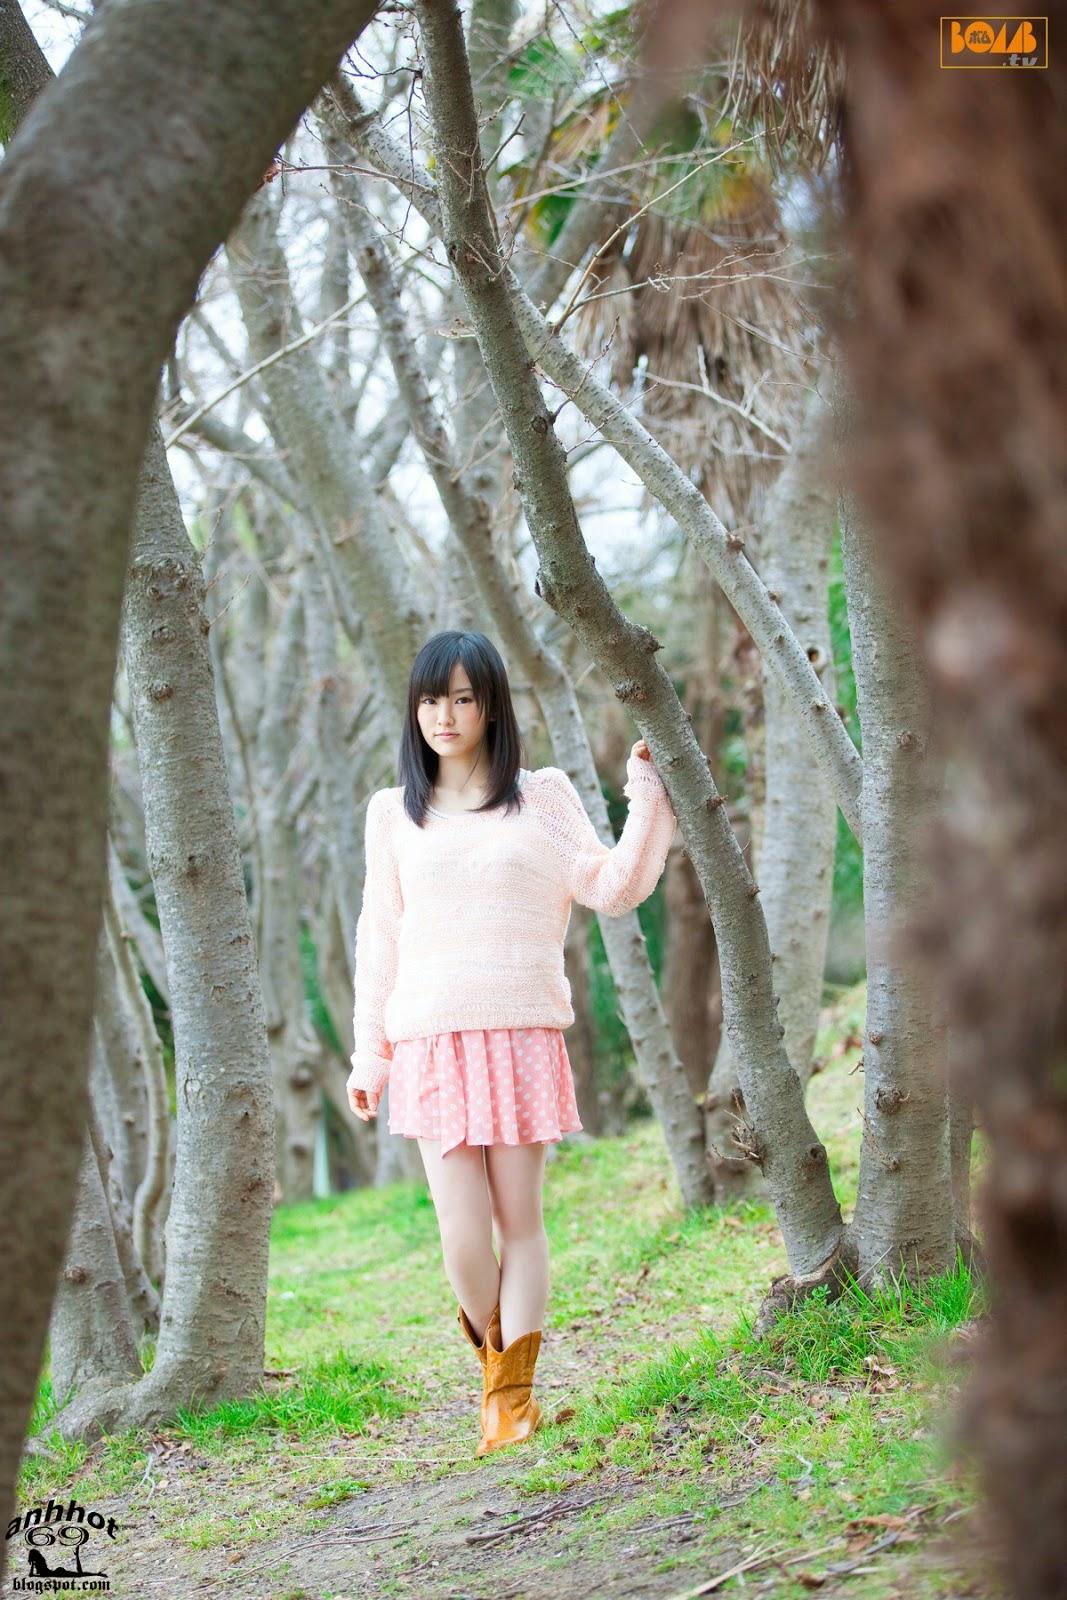 sayaka-yamamoto-01316544